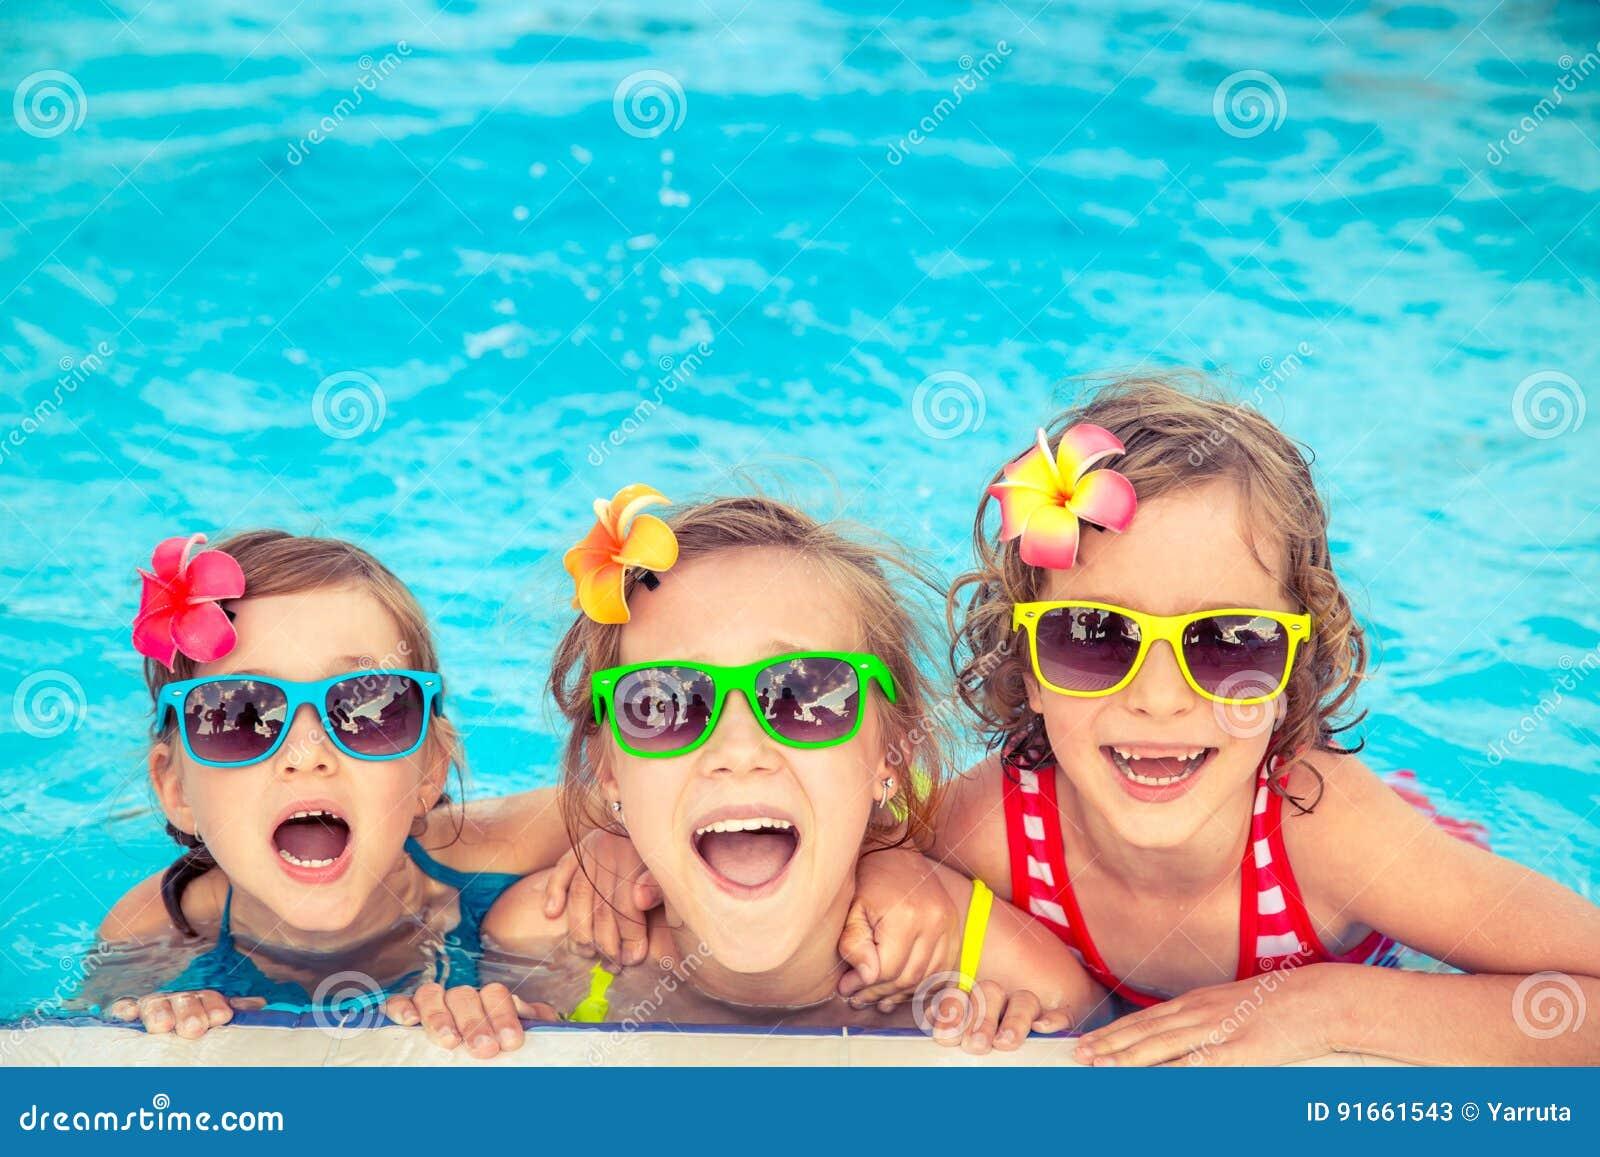 Crianças felizes na piscina